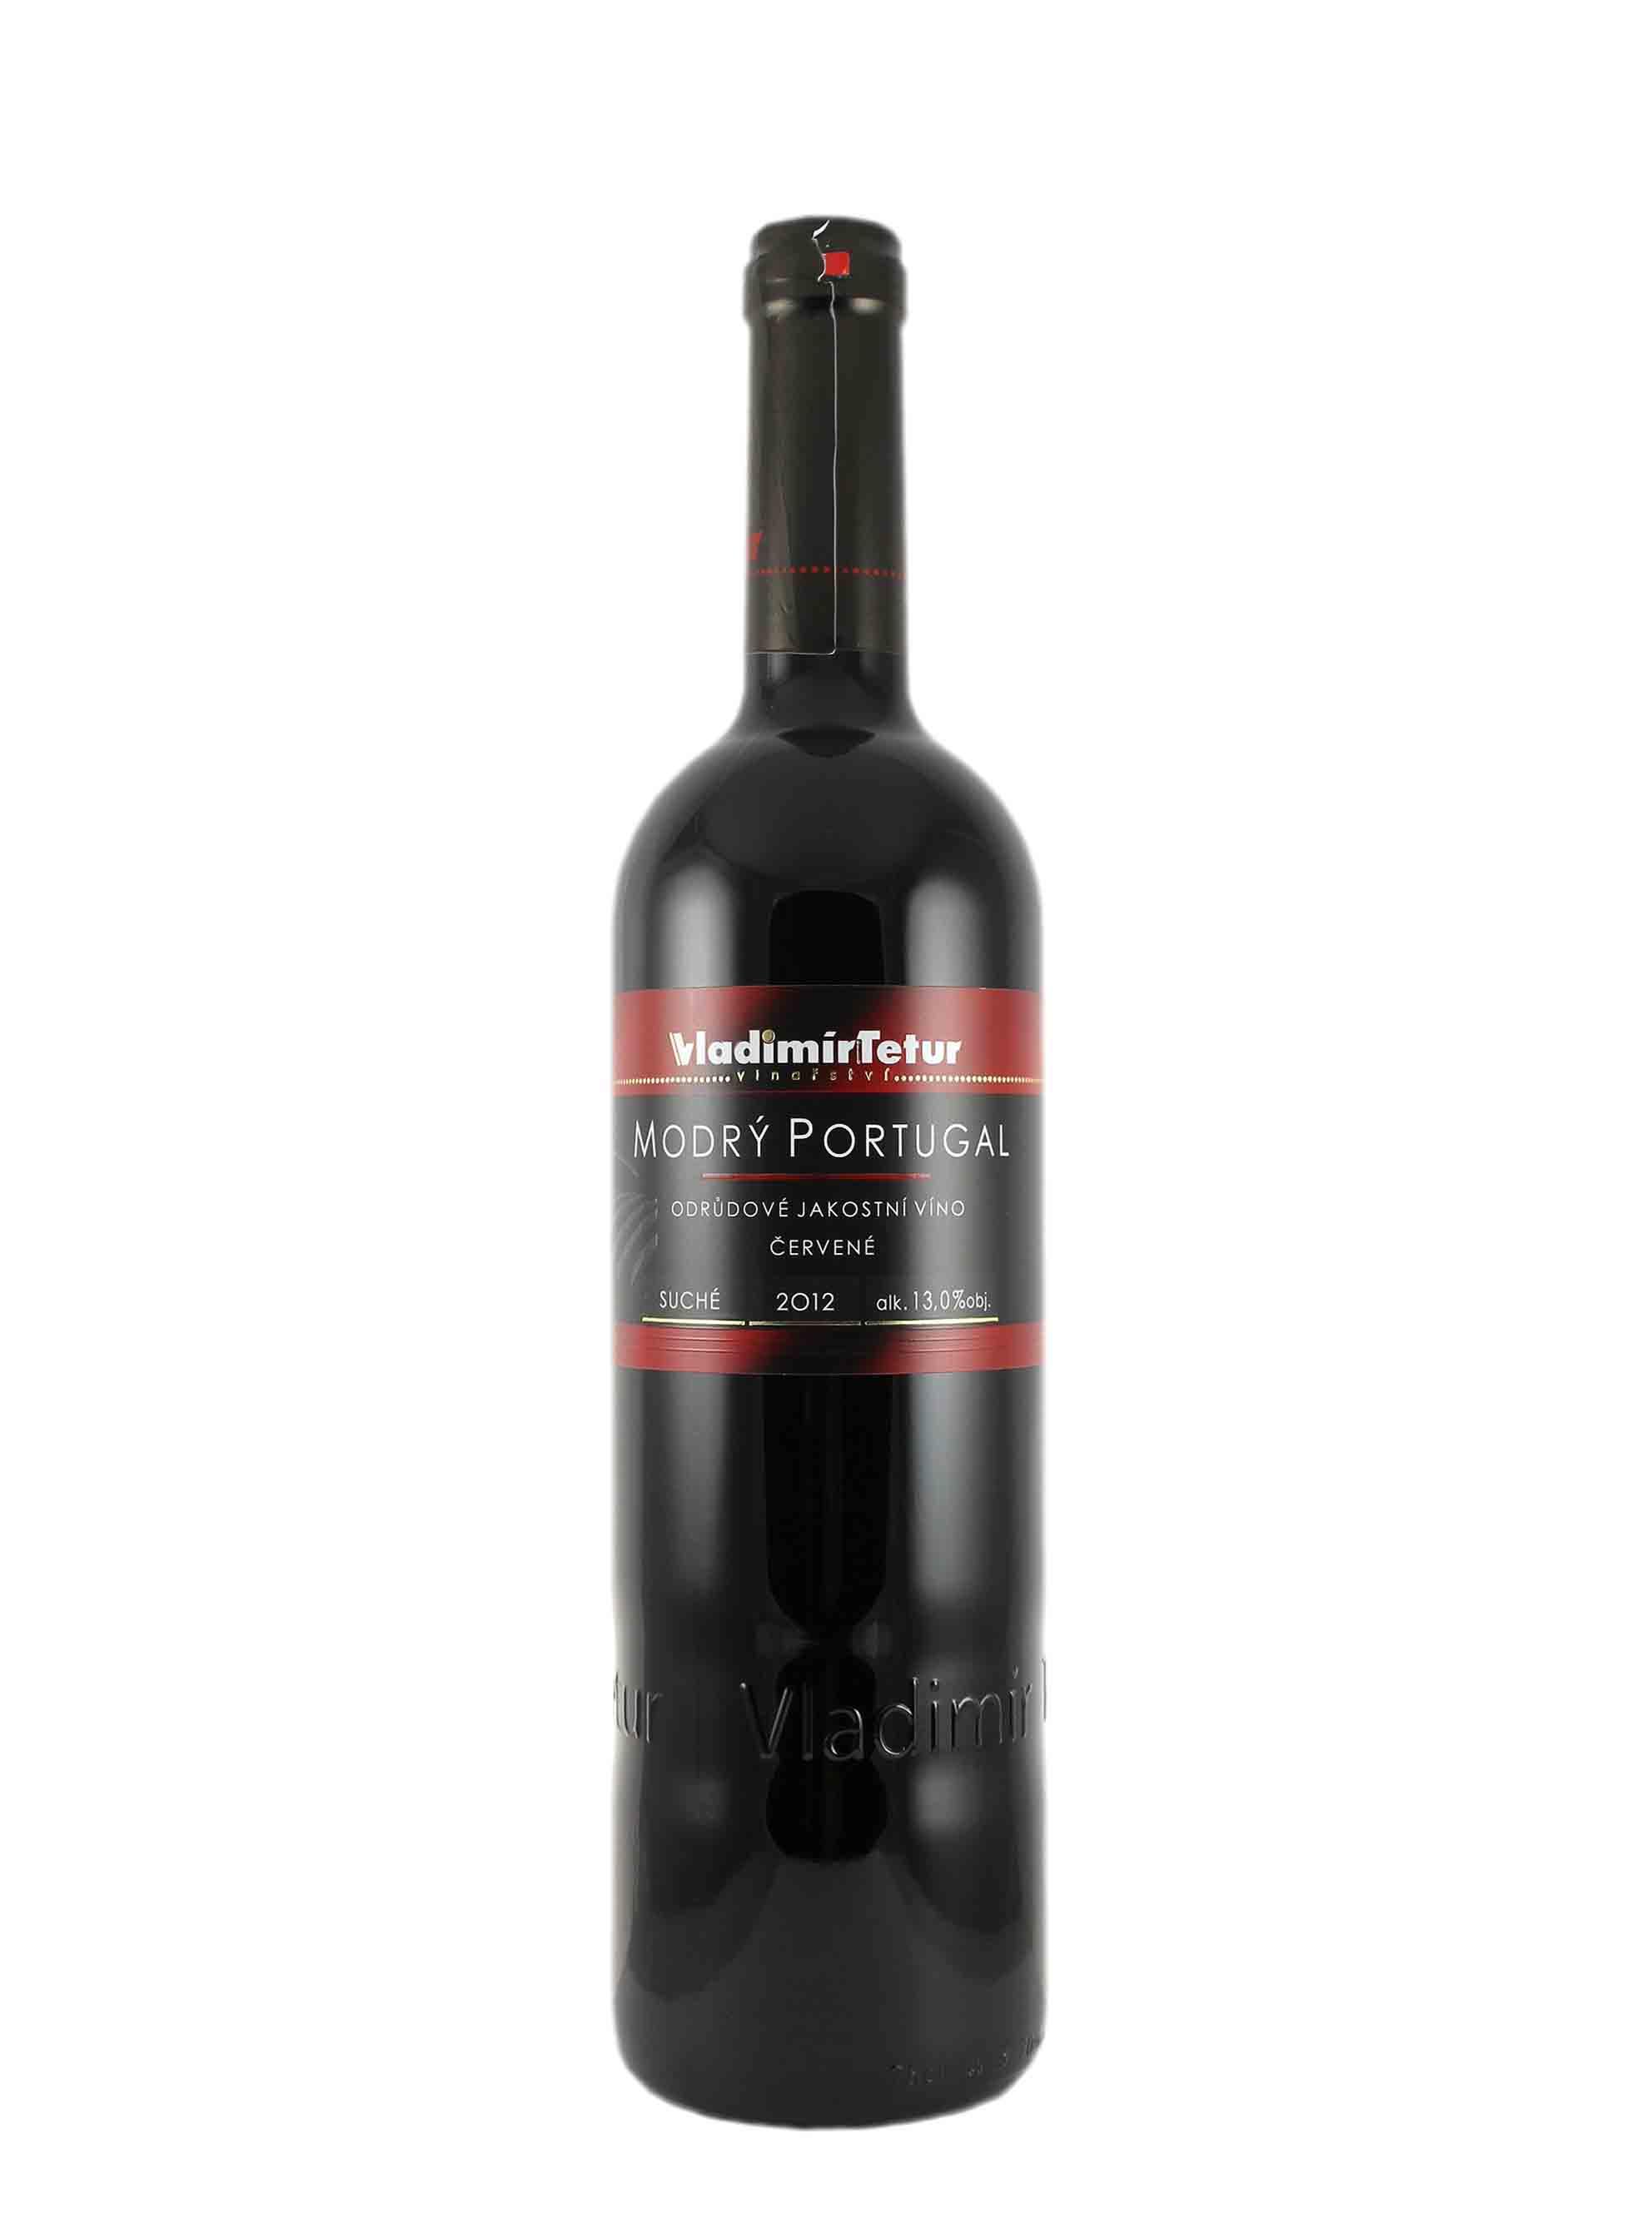 Modrý Portugal, Jakostní odrůdové, 2012, Vinařství Vladimír Tetur, 0.75 l